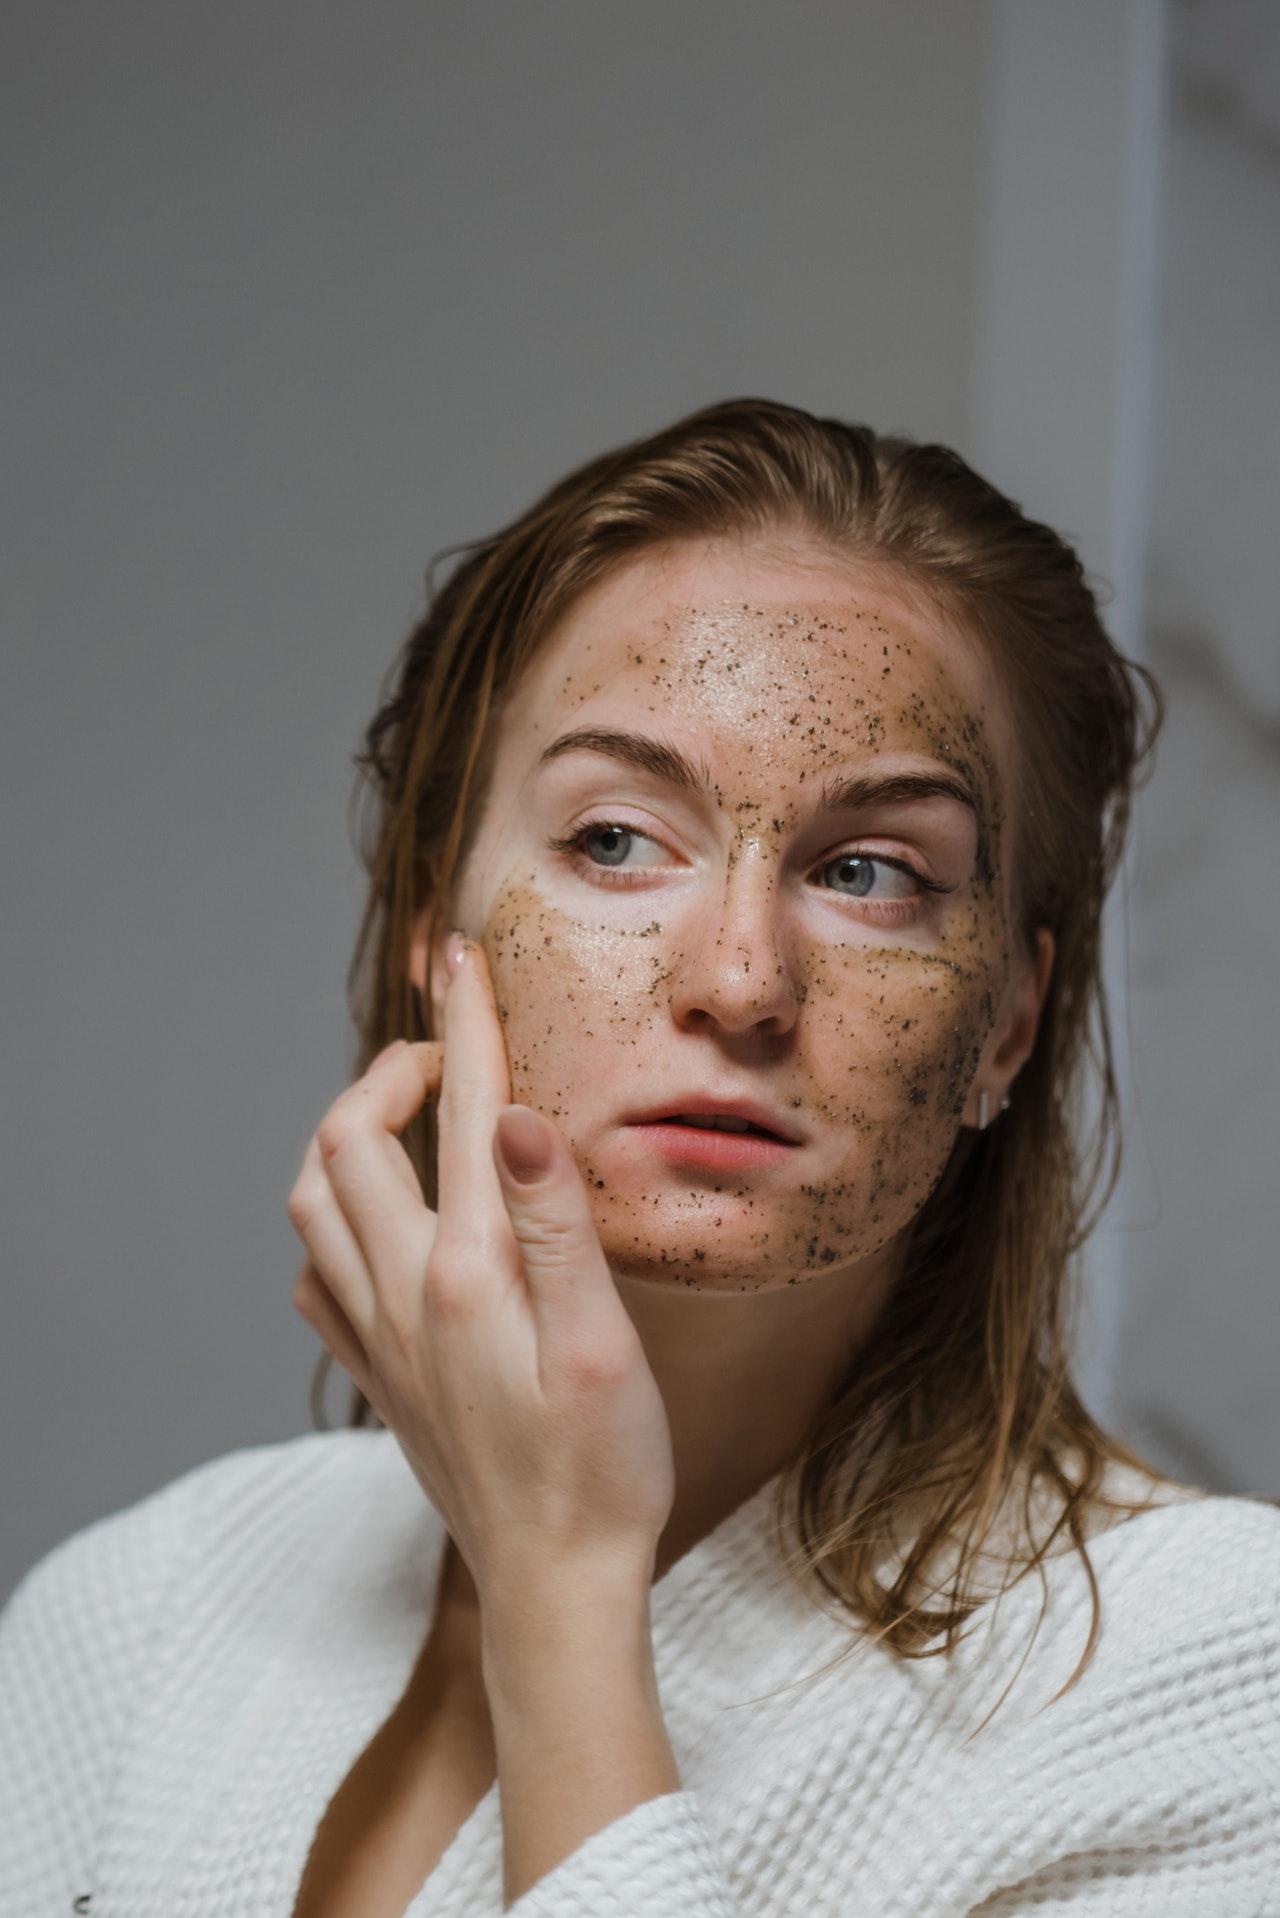 Para qué sirve el exfoliante Beneficios de exfoliar la piel